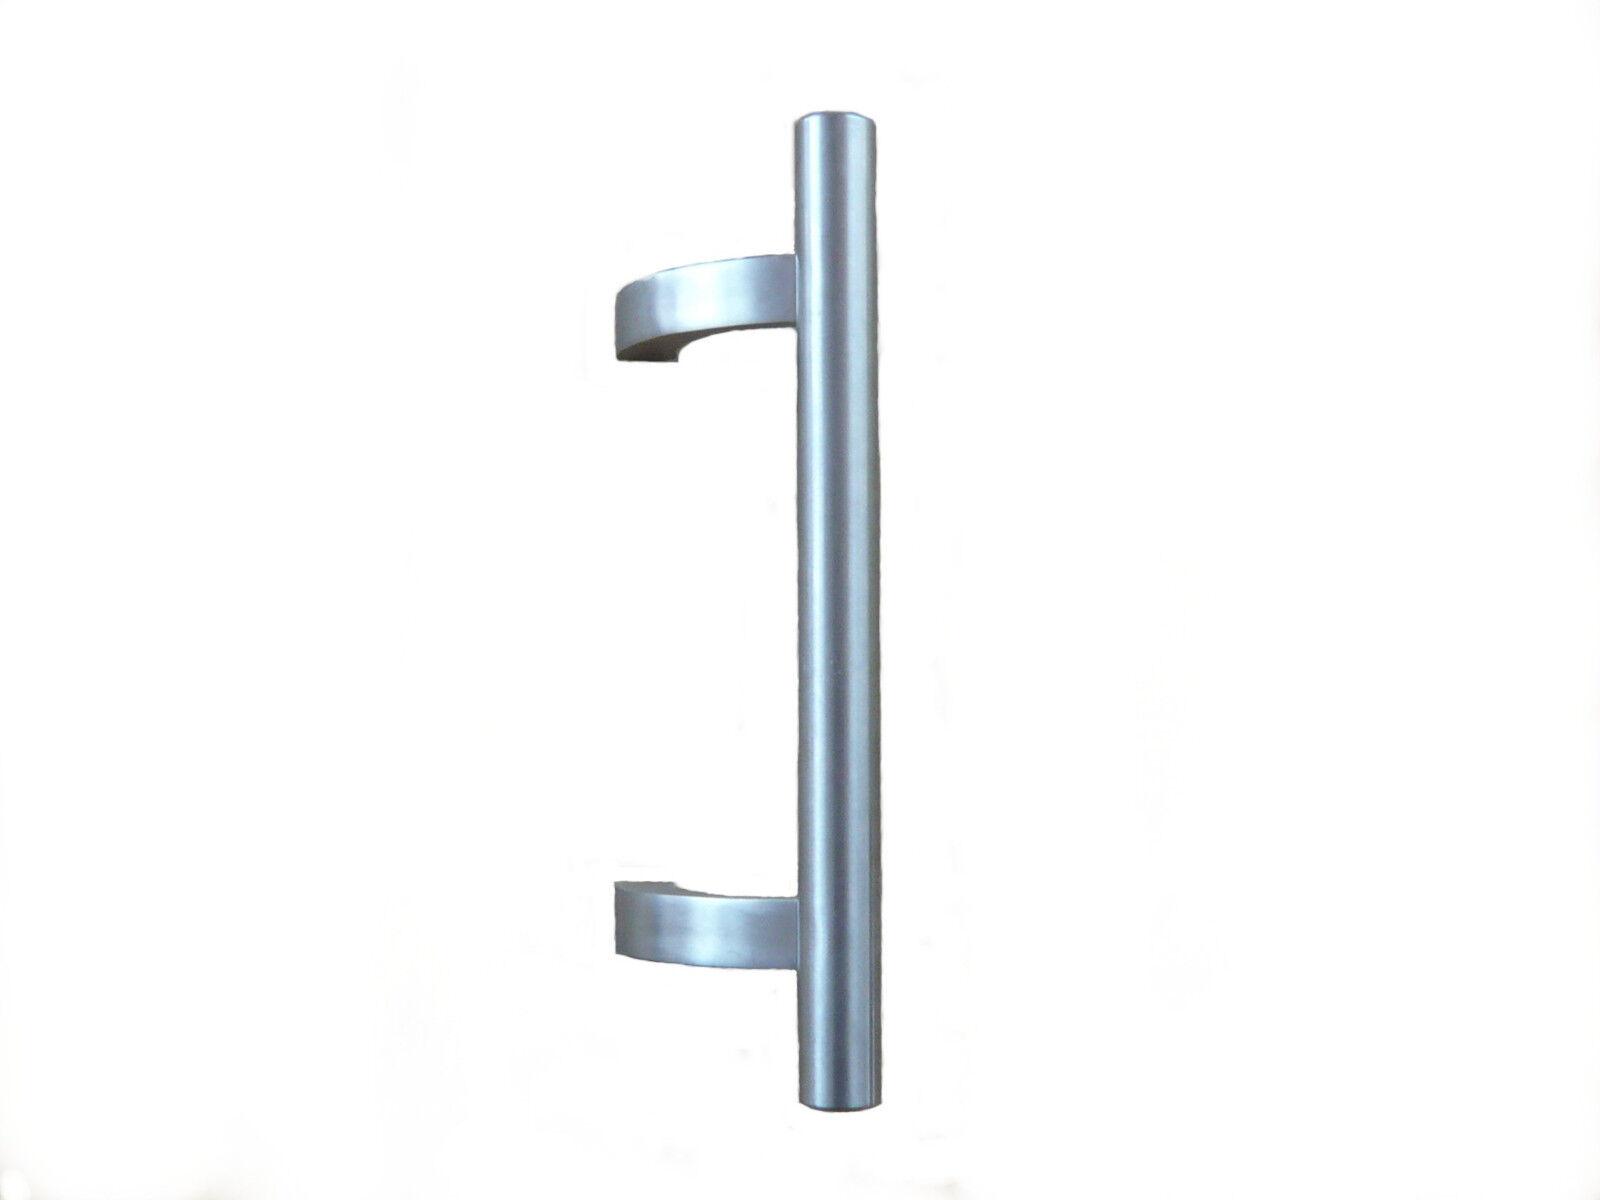 Edelstahl Stoßgriff Haustürgriff Türbeschlag Bügelgriff, 2. Wahl | Der neueste Stil  | Qualitativ Hochwertiges Produkt  | Genialität  | Good Design